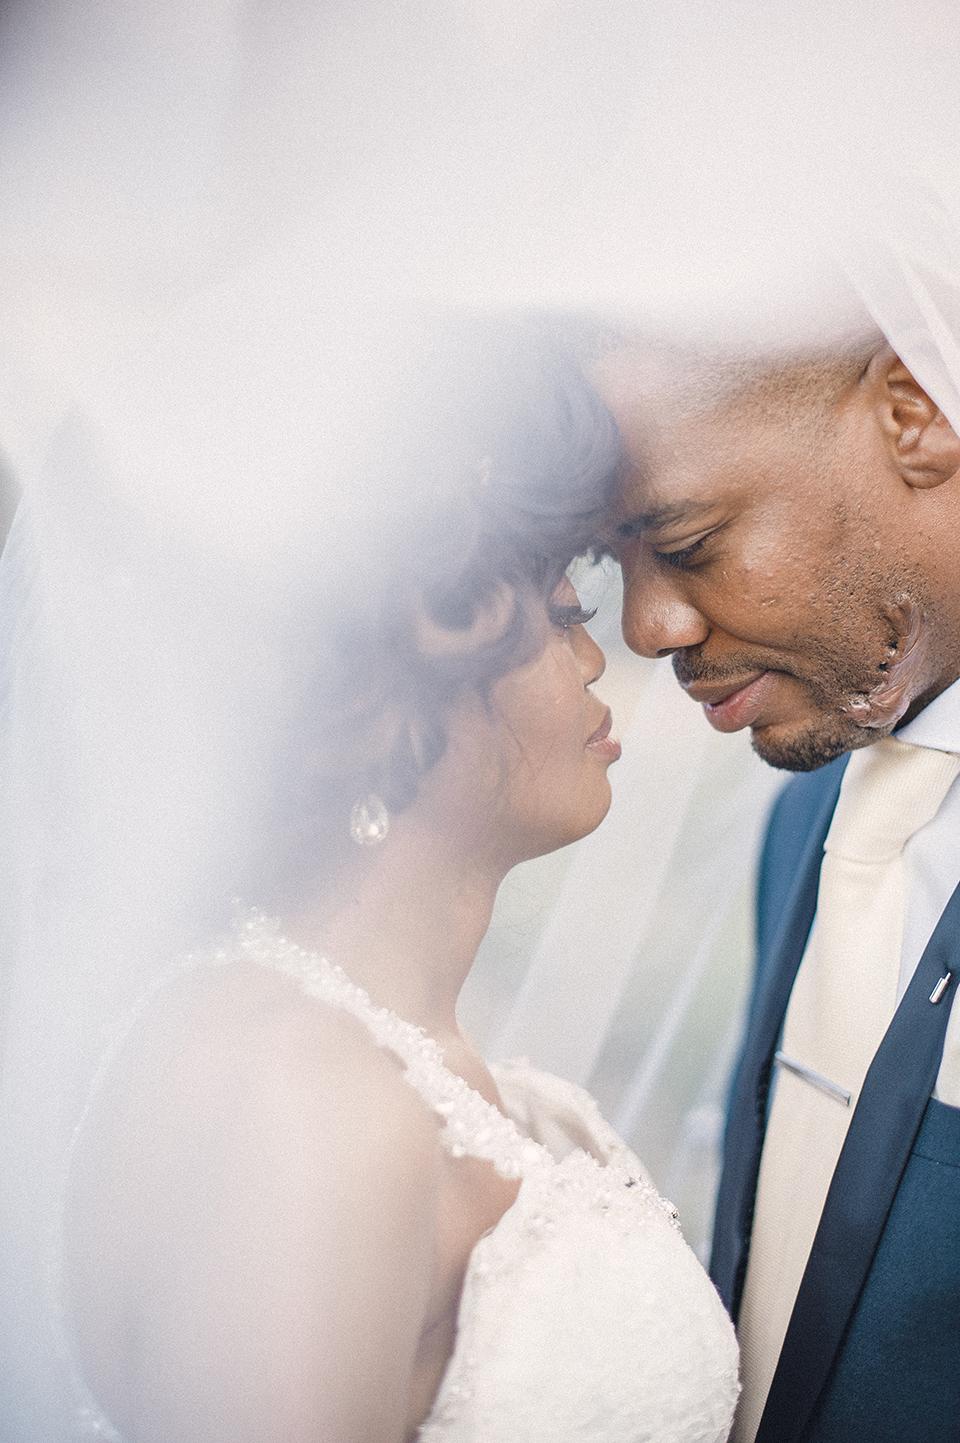 RyanParker_WeddingPhotographer_FineArt_CapeTown_Johannesburg_Hermanus_Avianto_T&L_DSC_9332.jpg